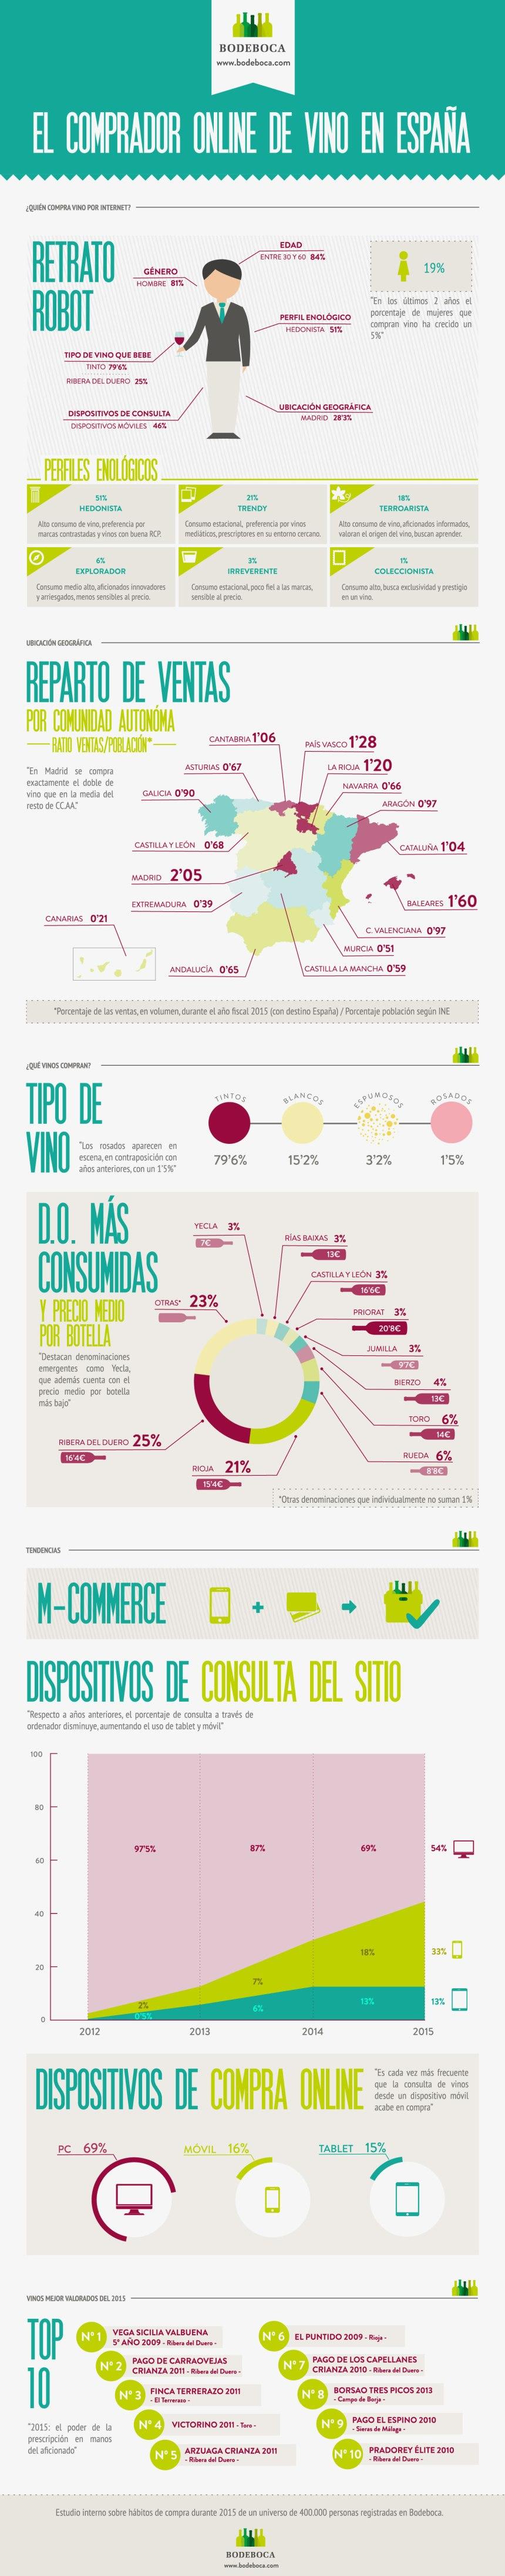 Retrato robot del comprador online de vino en España